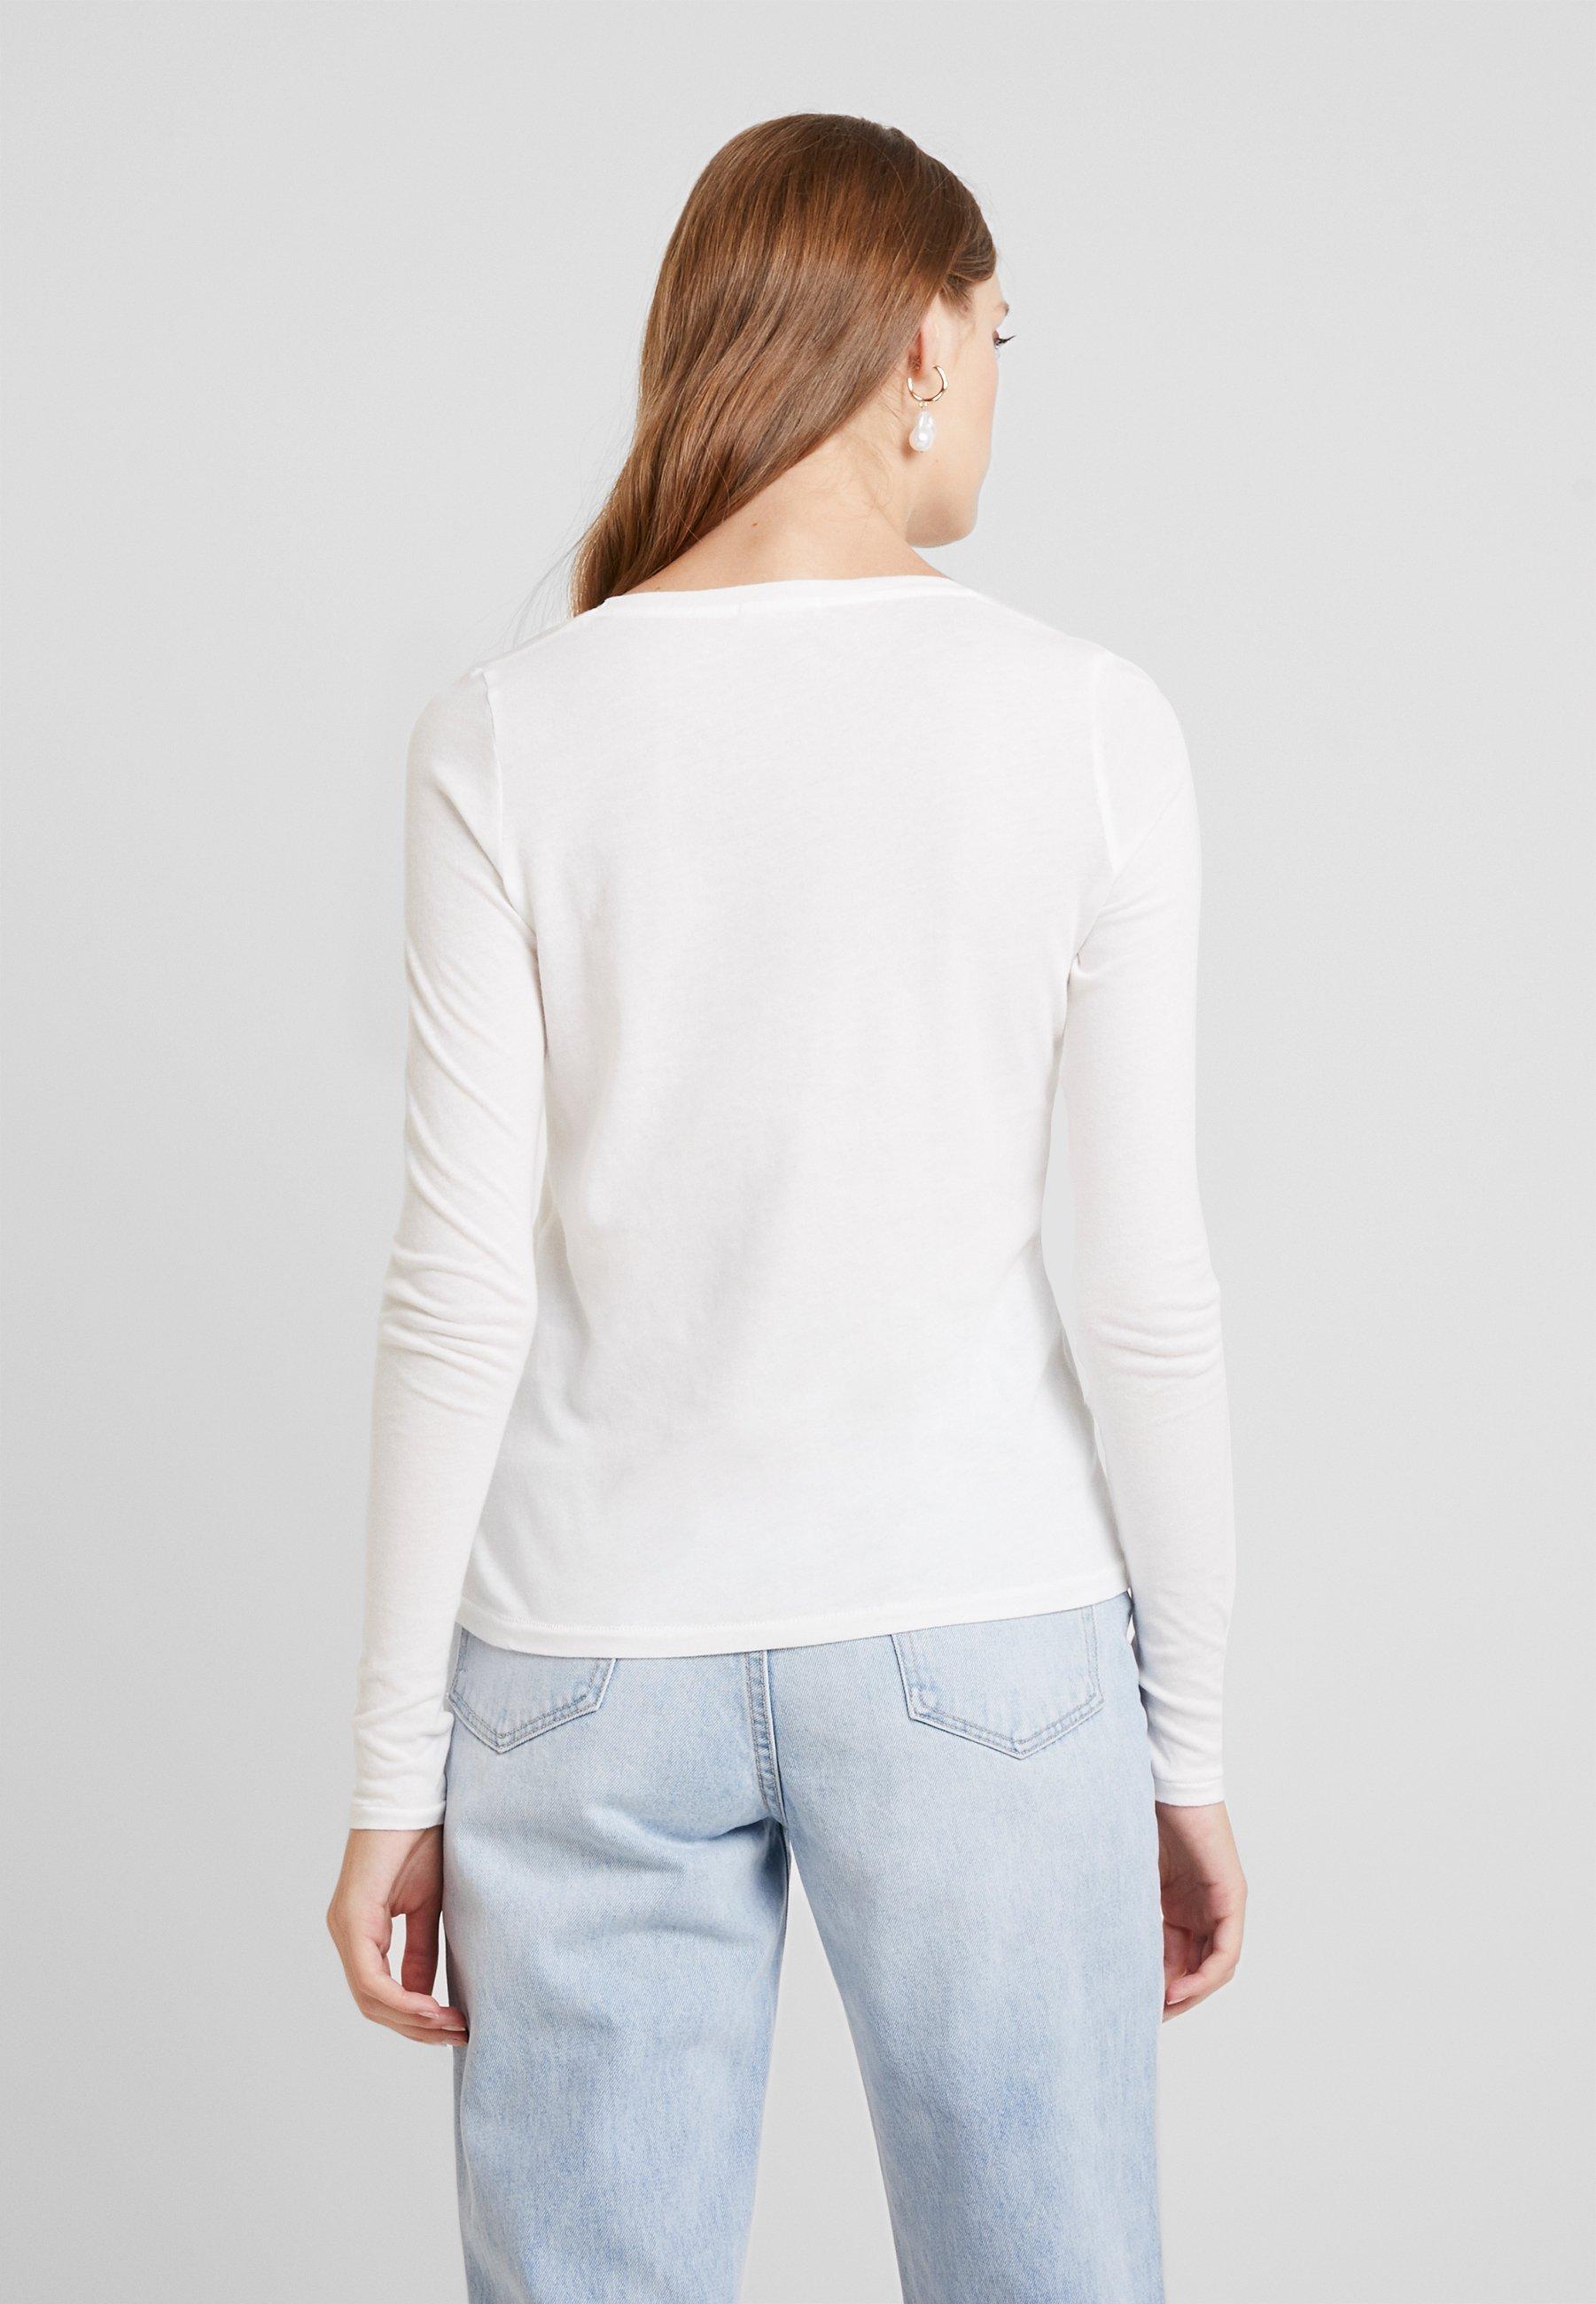 Manches Longues shirt À Vintage American Blanc BipcatT VzMSqpU